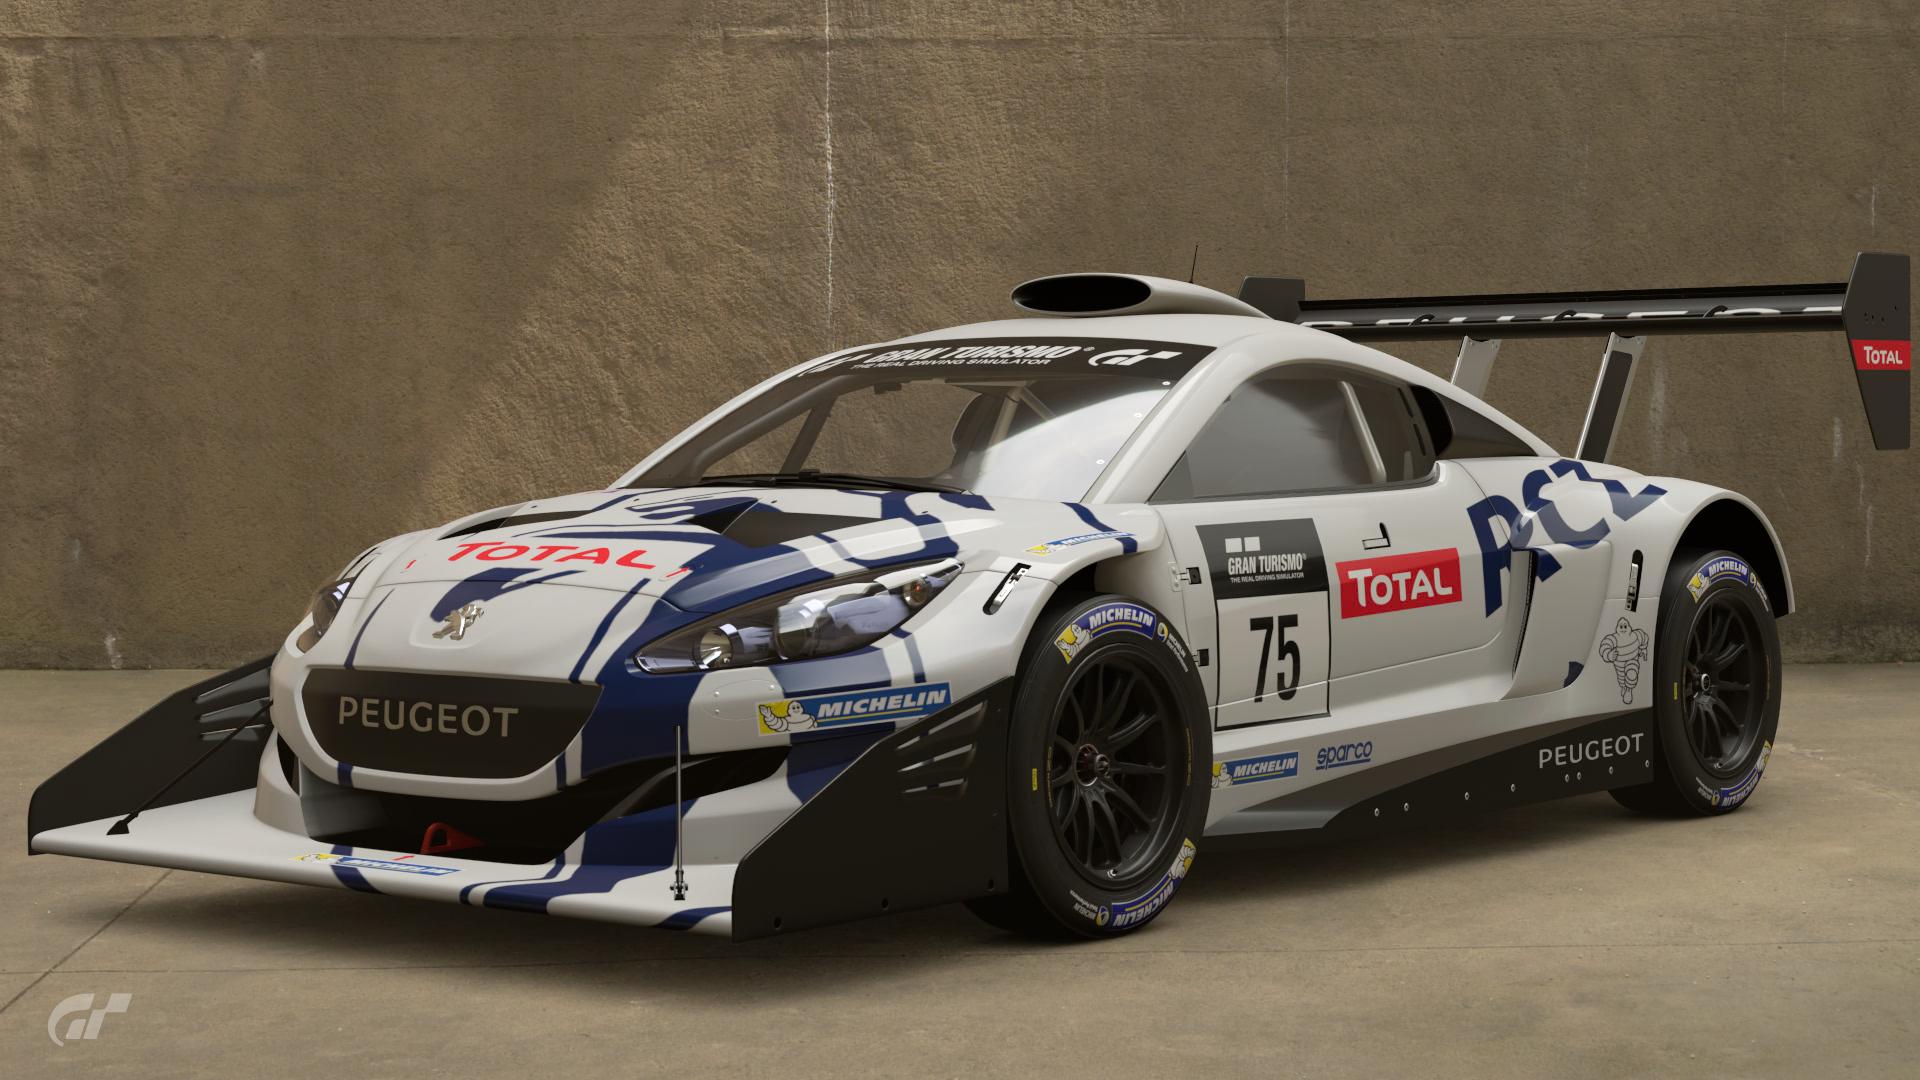 Peugeot RCZ Gr.B Rally Car | Gran Turismo Wiki | FANDOM powered by Wikia